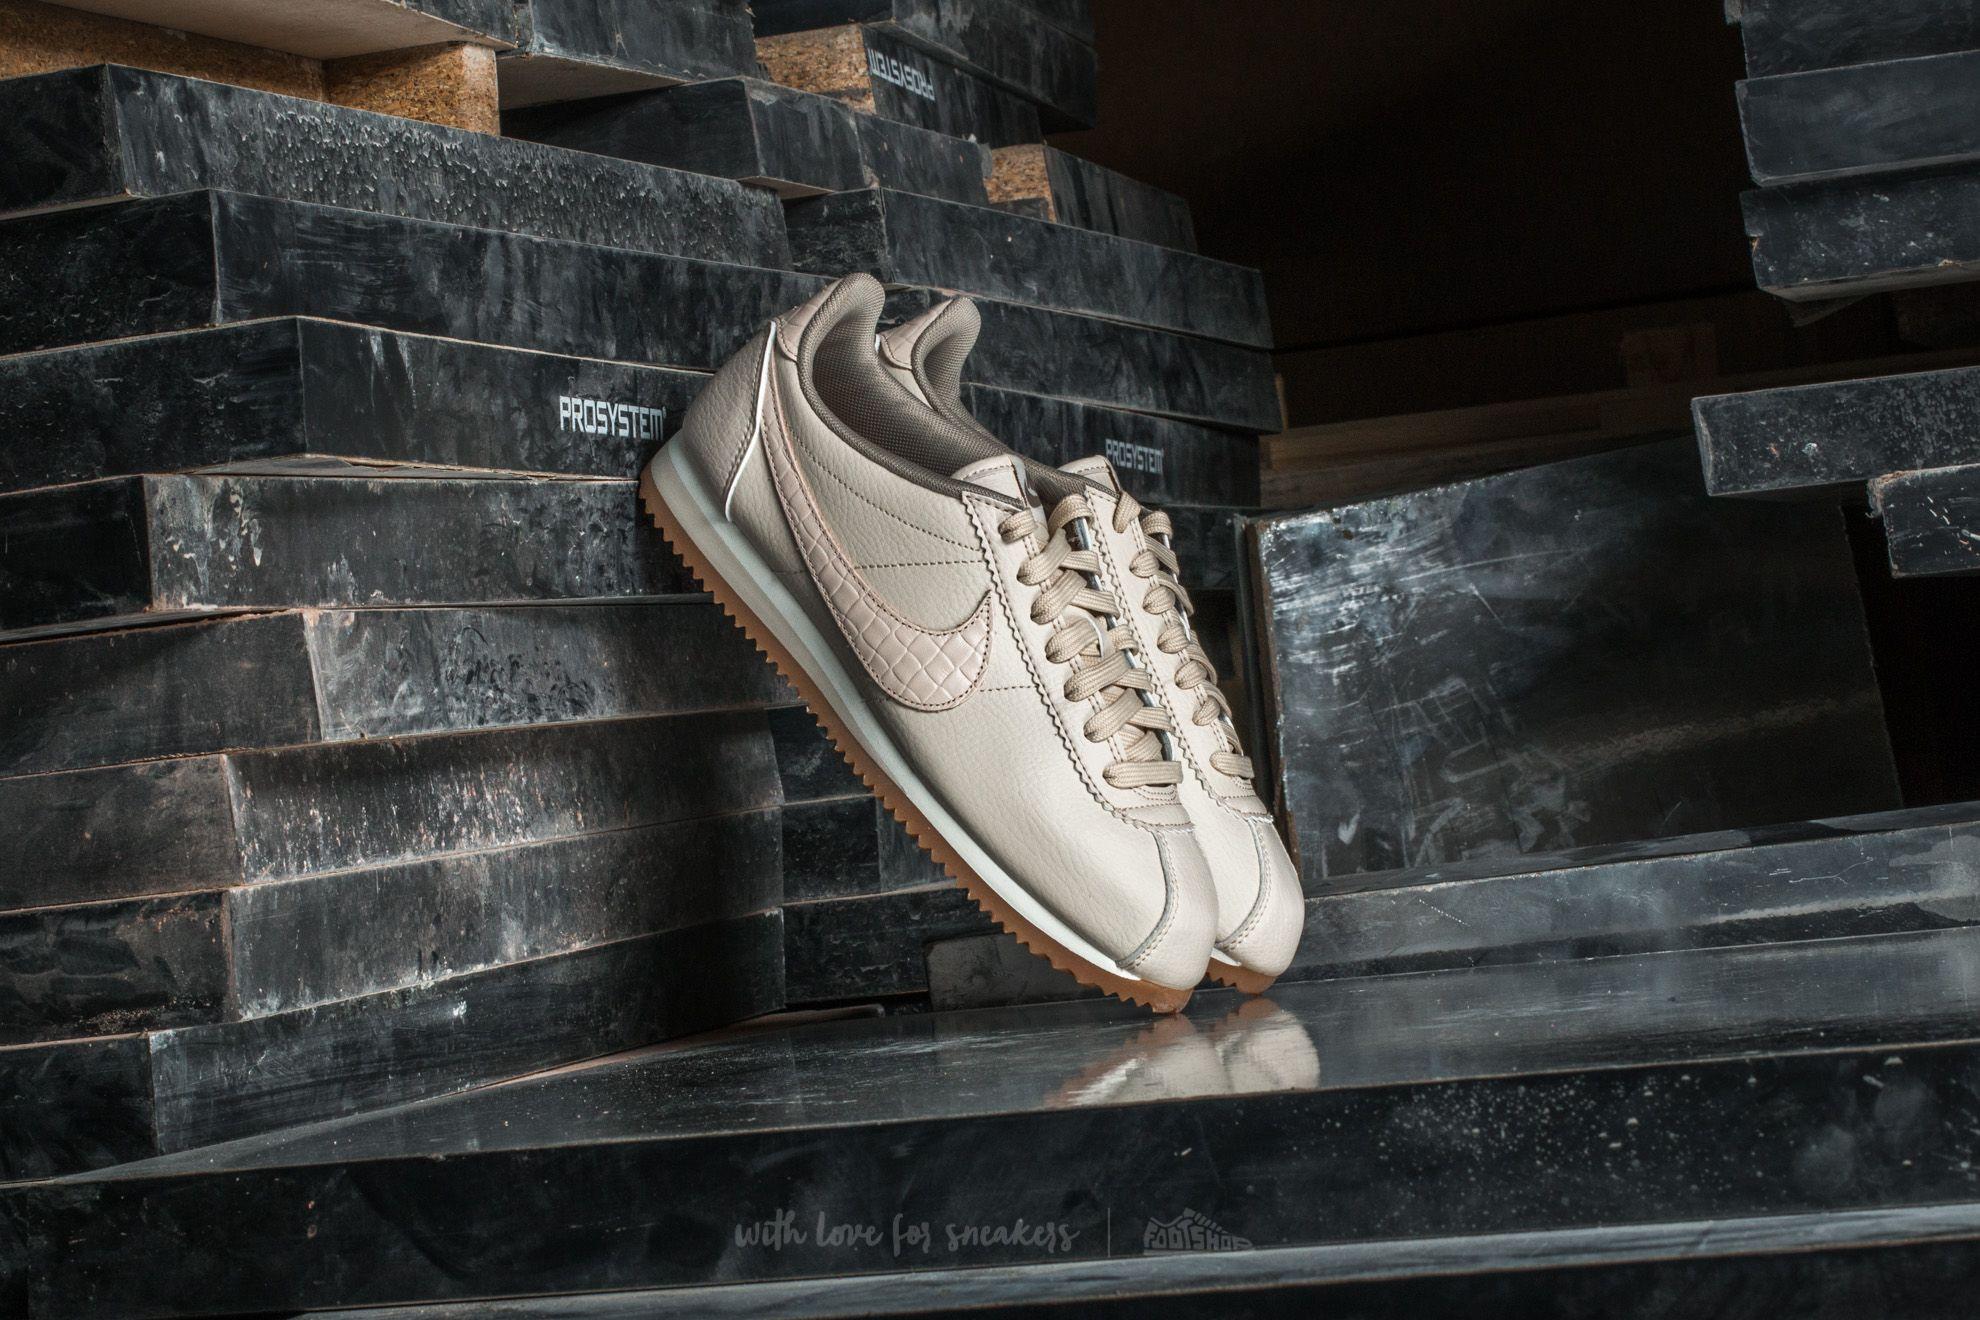 wholesale dealer c2d3f 021c5 Nike W Classic Cortez Leather Lux Oatmeal/ Oatmeal-Sail | Footshop